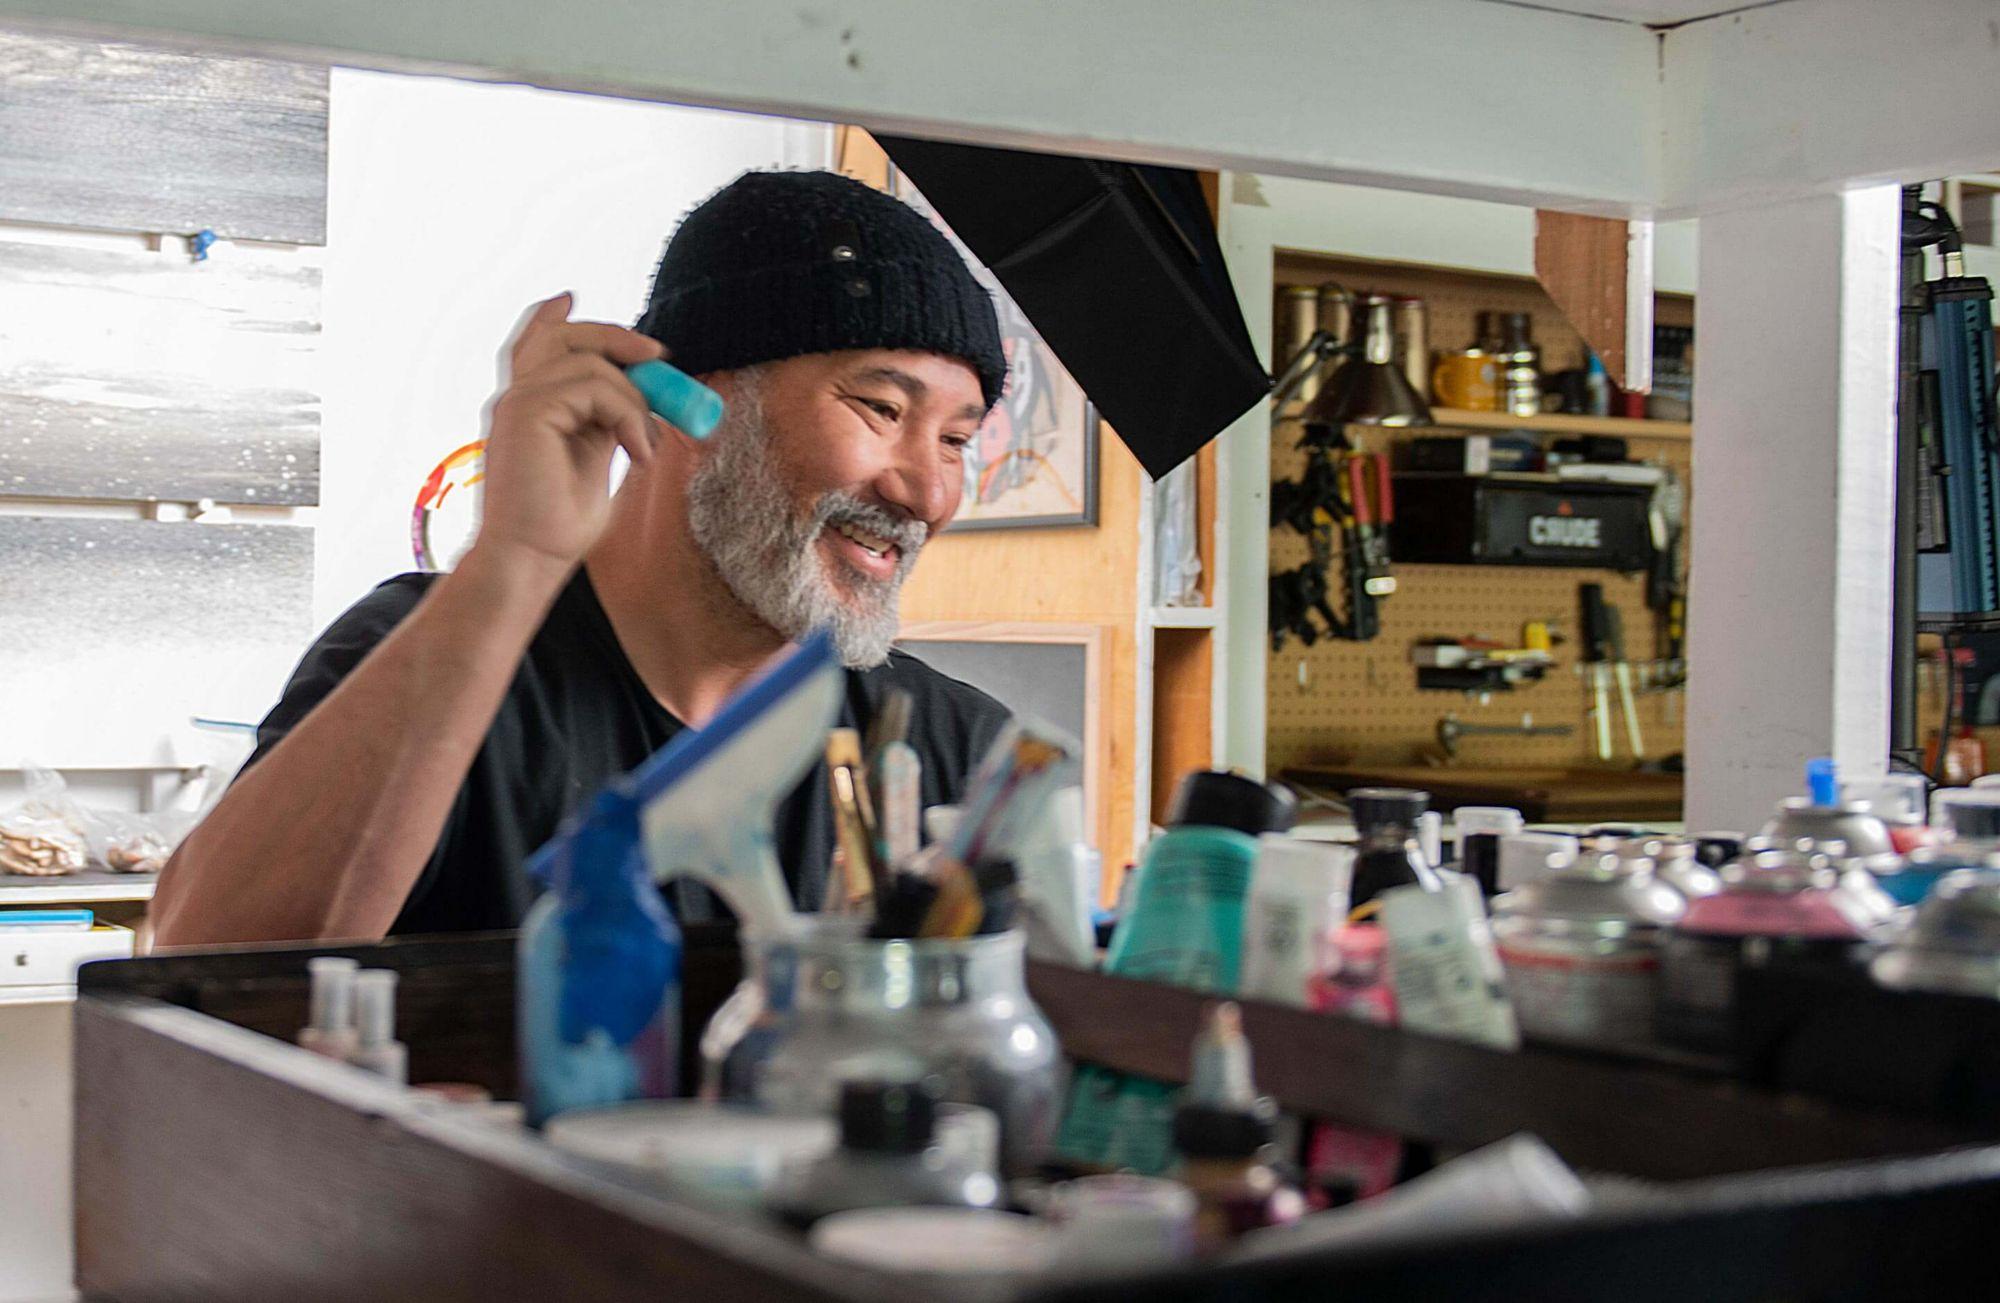 Bryan Iguchi checking his paint